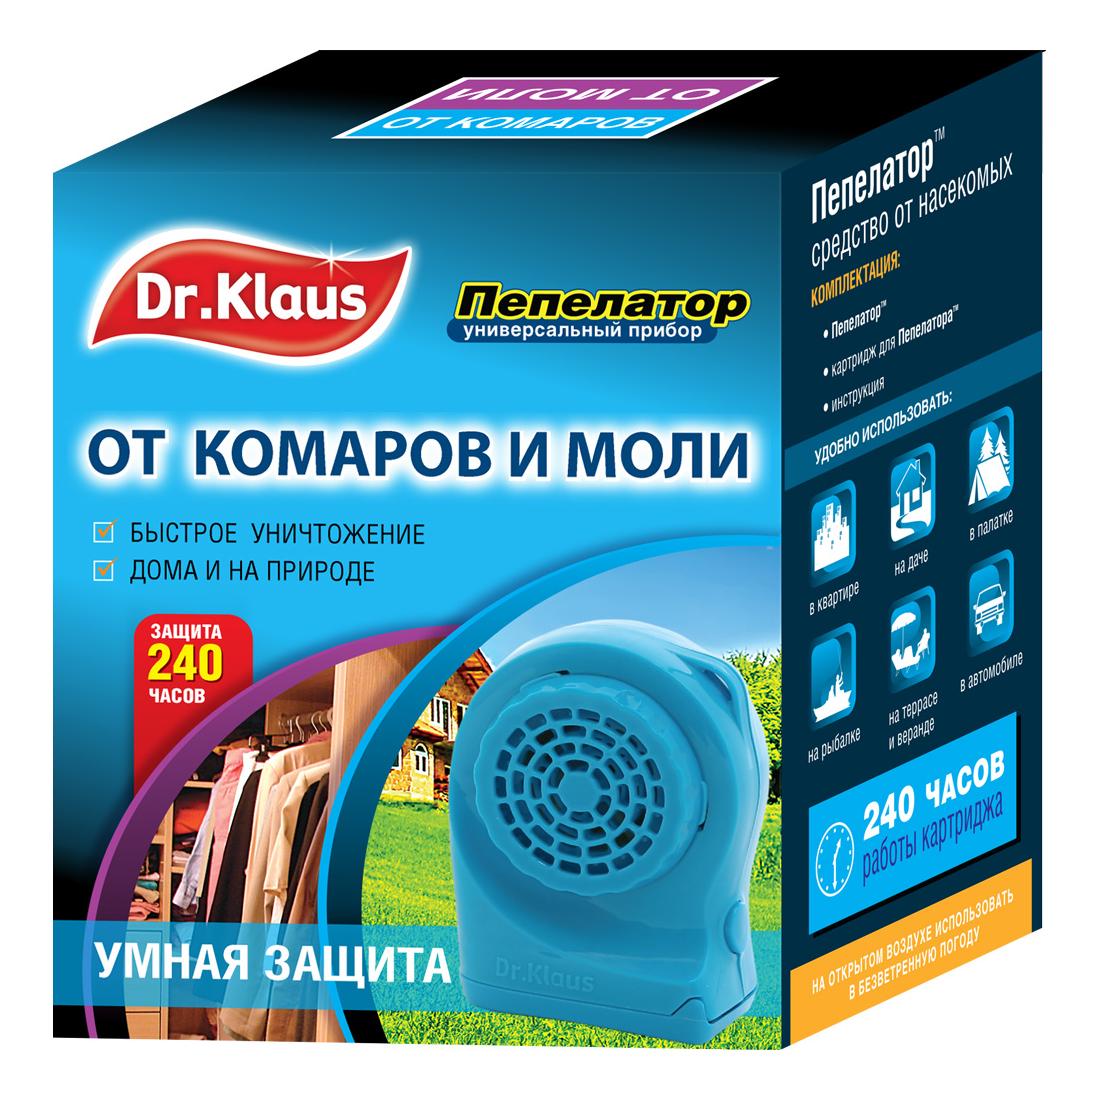 Пепелатор Dr.Klaus - универсальный прибор от комаров и моли фото